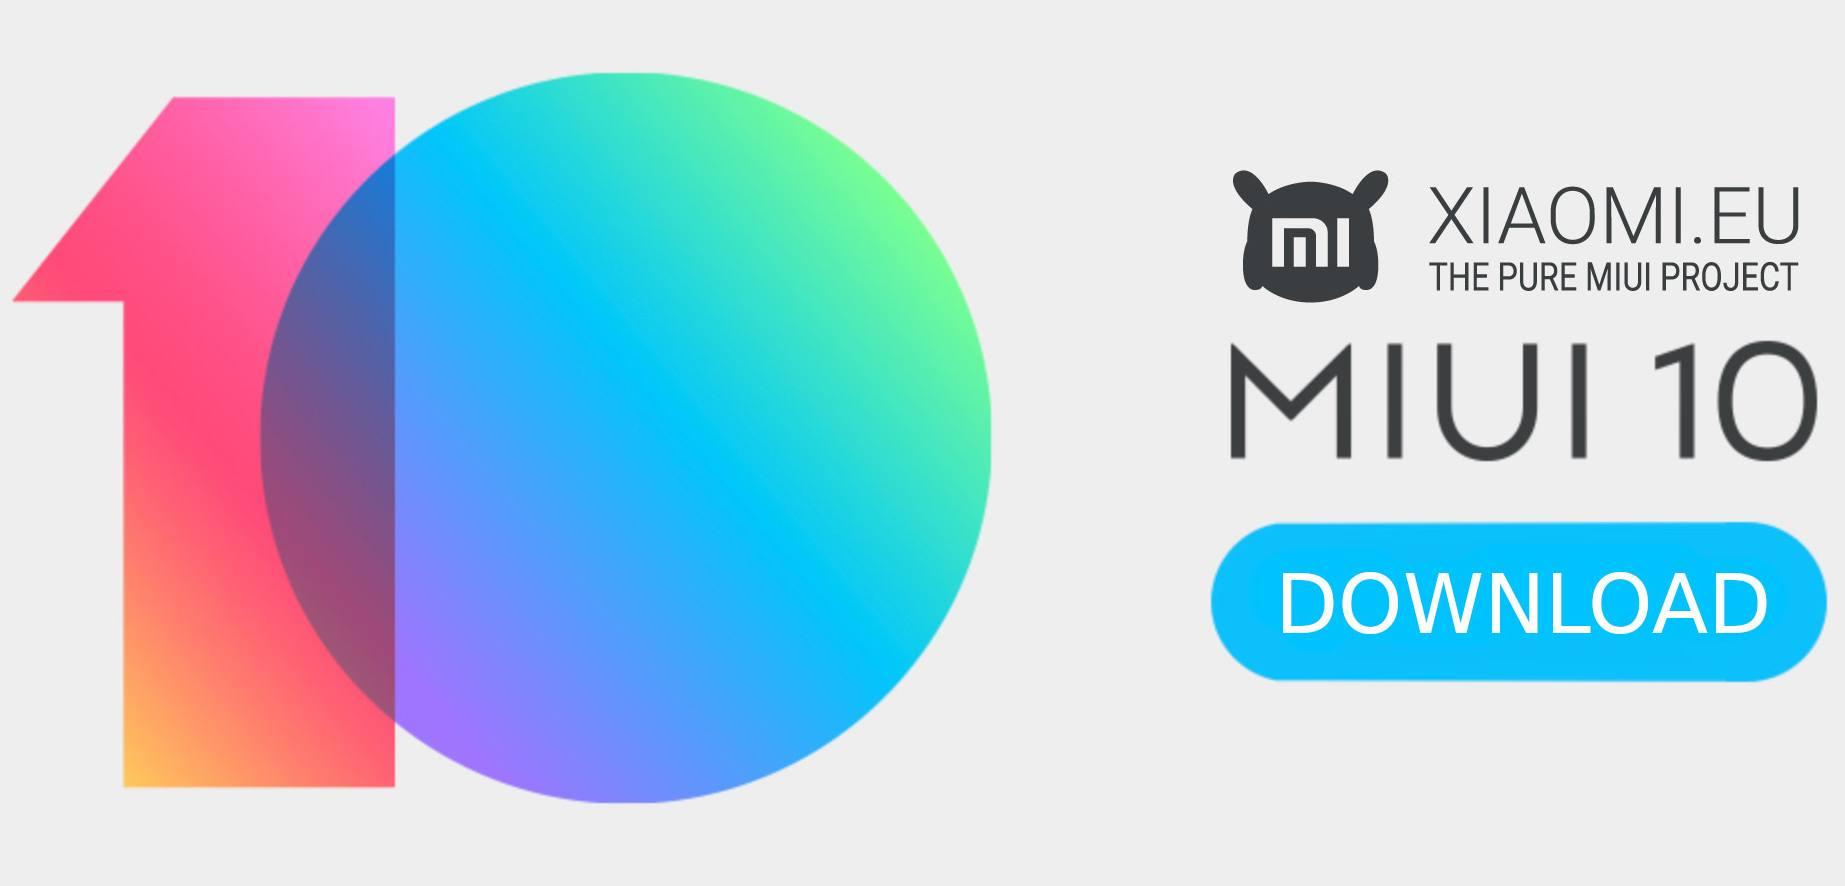 Xiaomi.EU en el Xiaomi Mi 9 corrige errores de MIUI